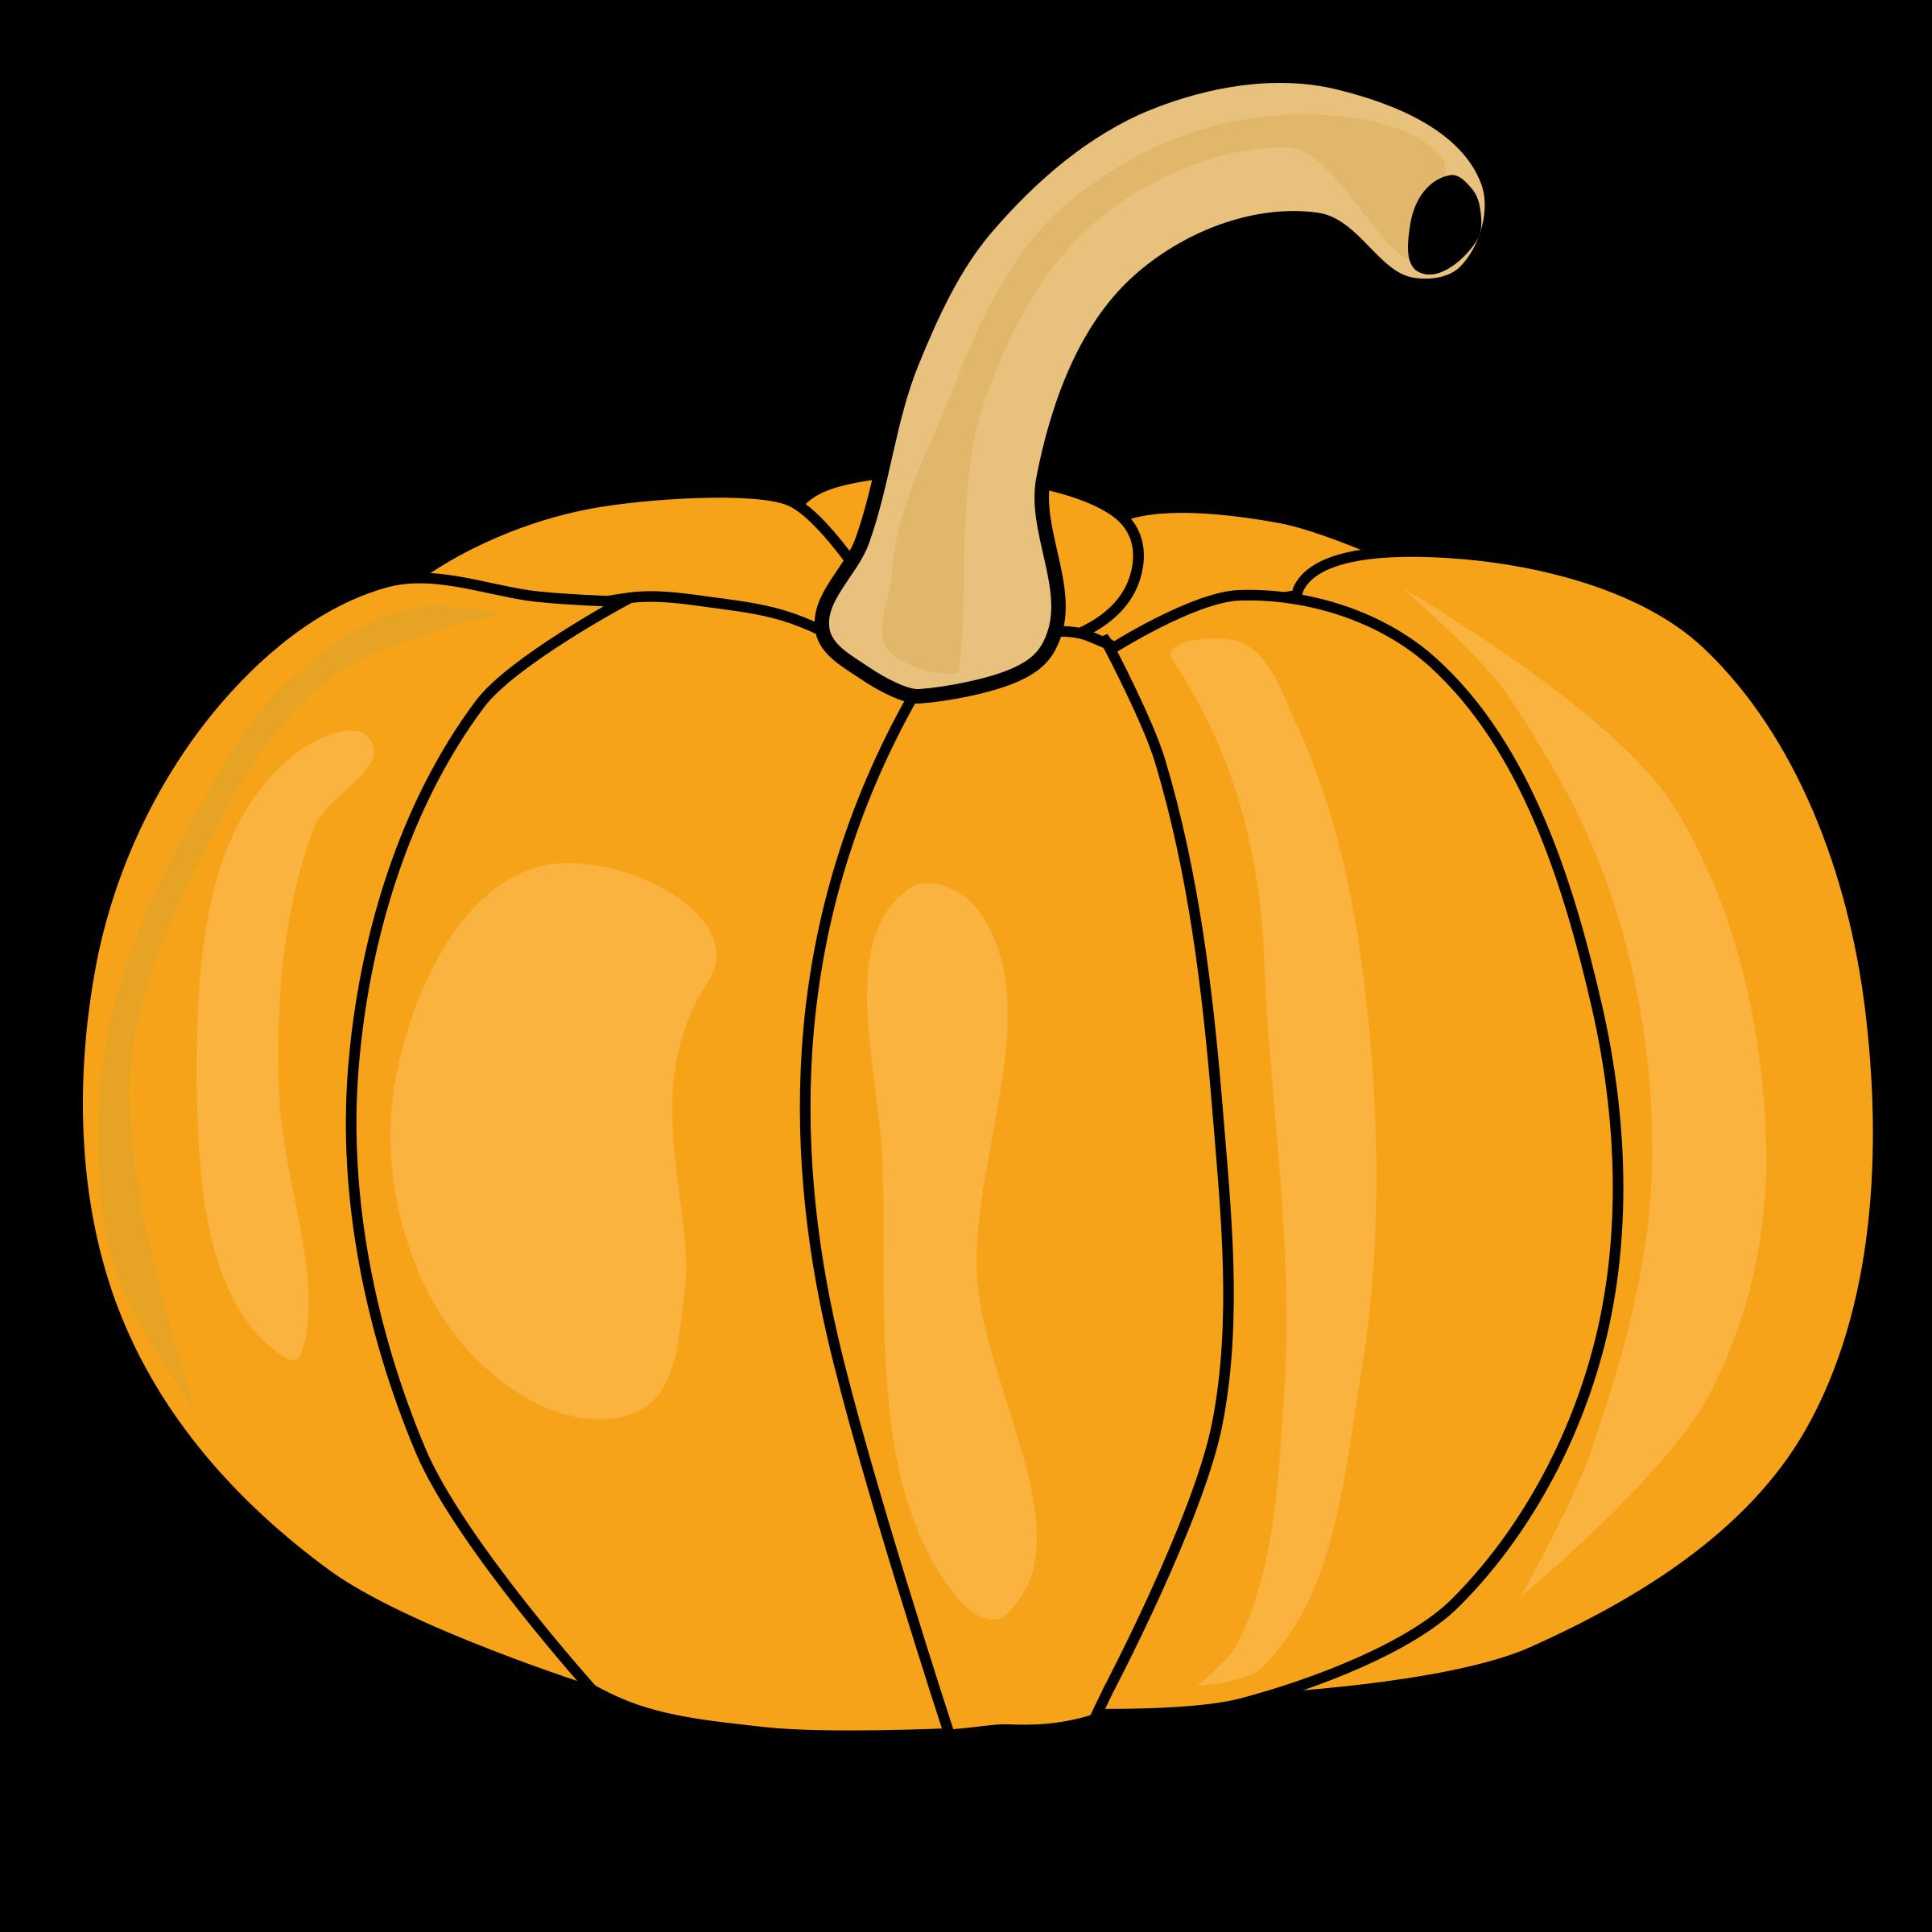 Download clip art acorn. Pumpkin clipart squash